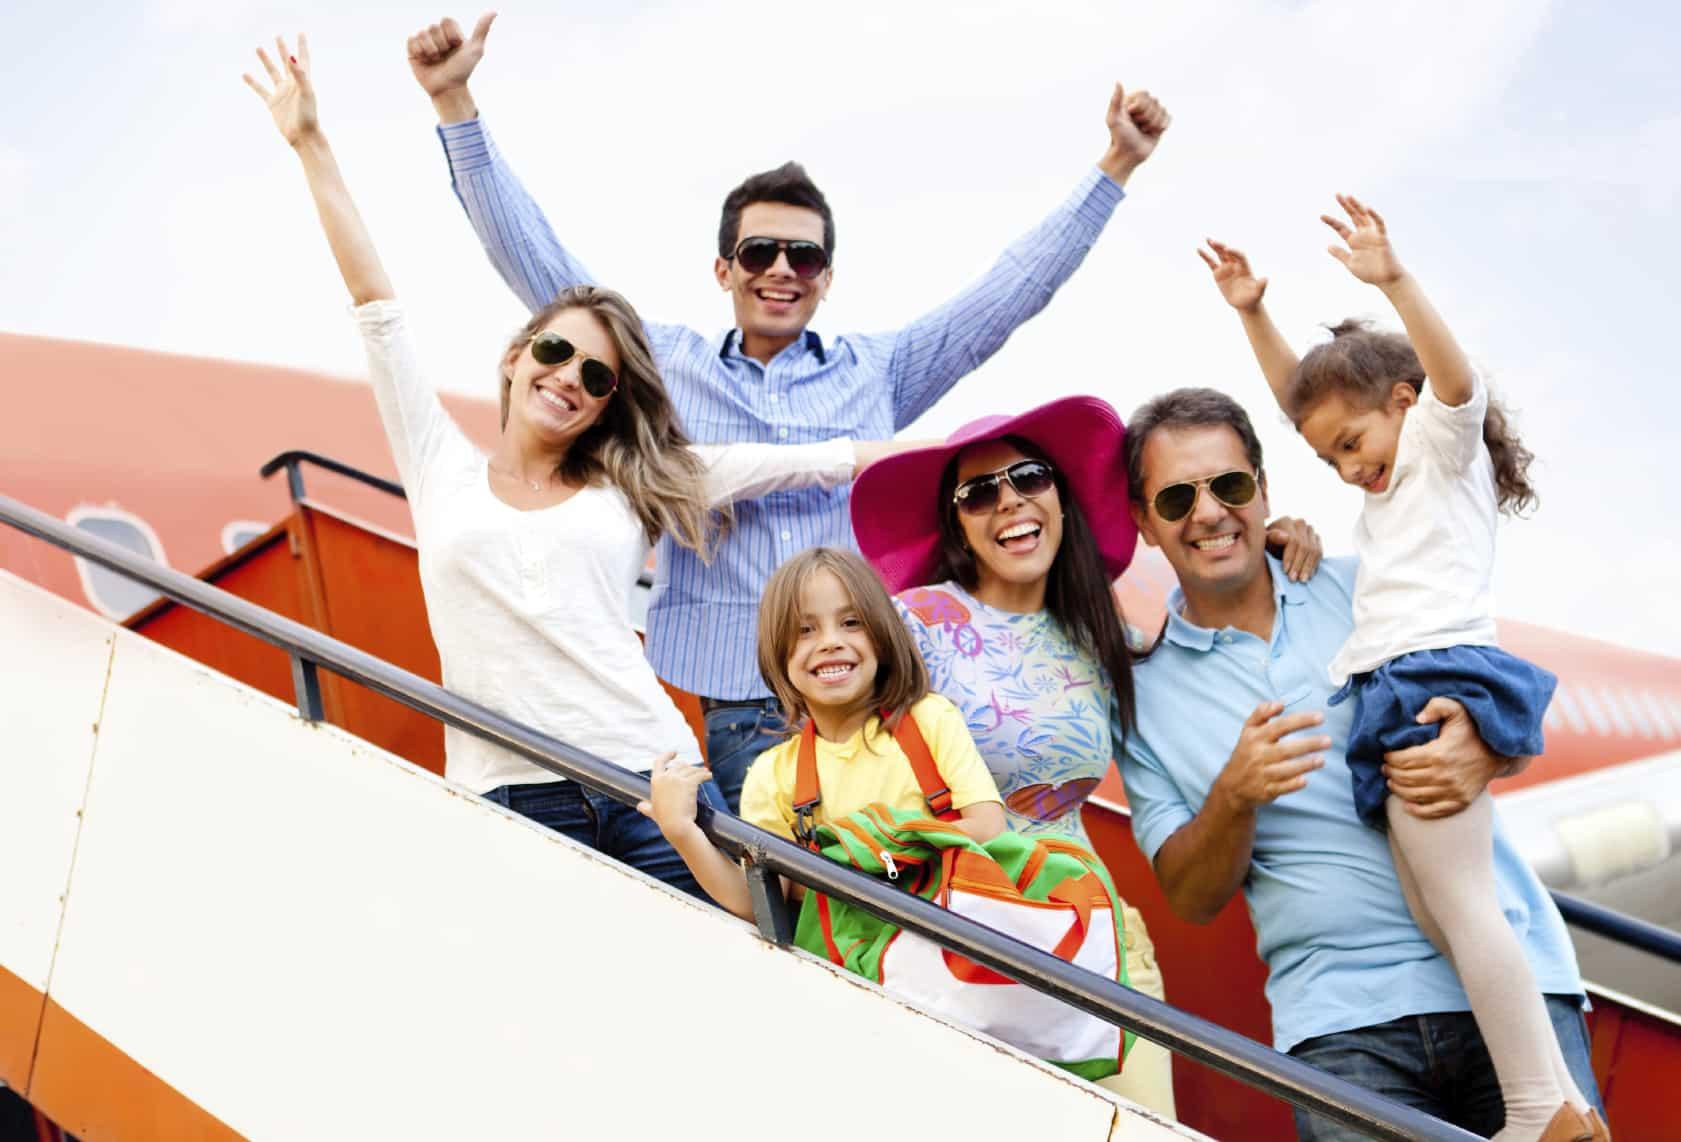 Turismo y vacaciones en familia